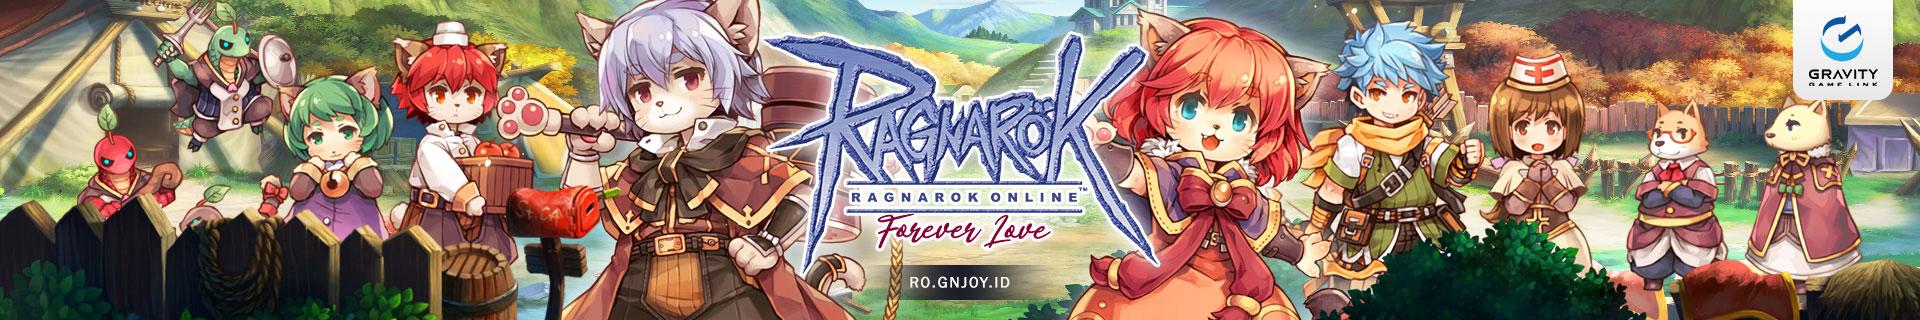 Ragnarok Forever Love Download Client